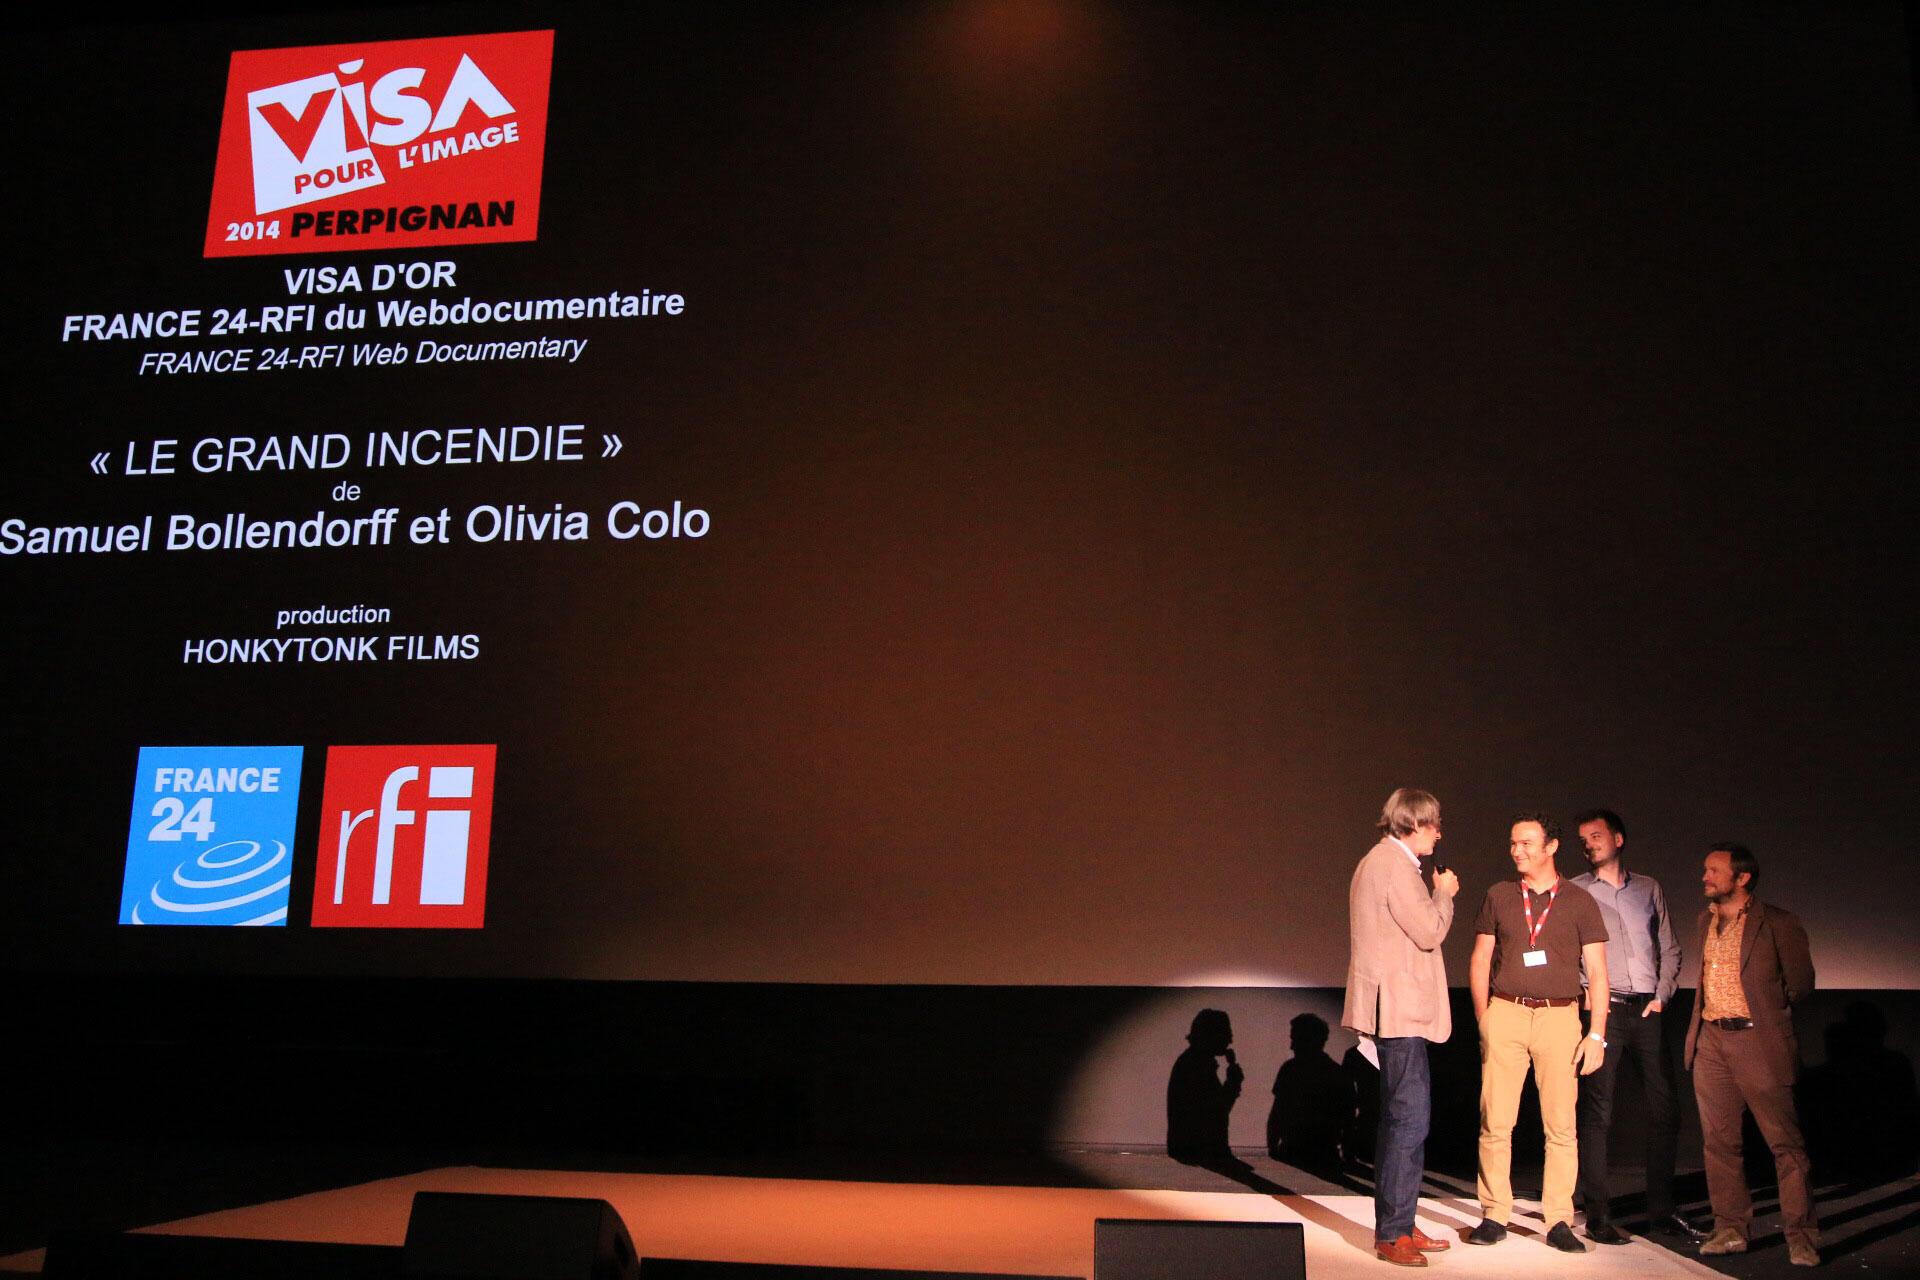 Samuel Bollendorff reçoit son prix sur la scène du Campo Santo à Perpignan, entouré d'Olivier Laurent, Jean-François Leroy, le directeur du festival, Christophe Champin (RFI).